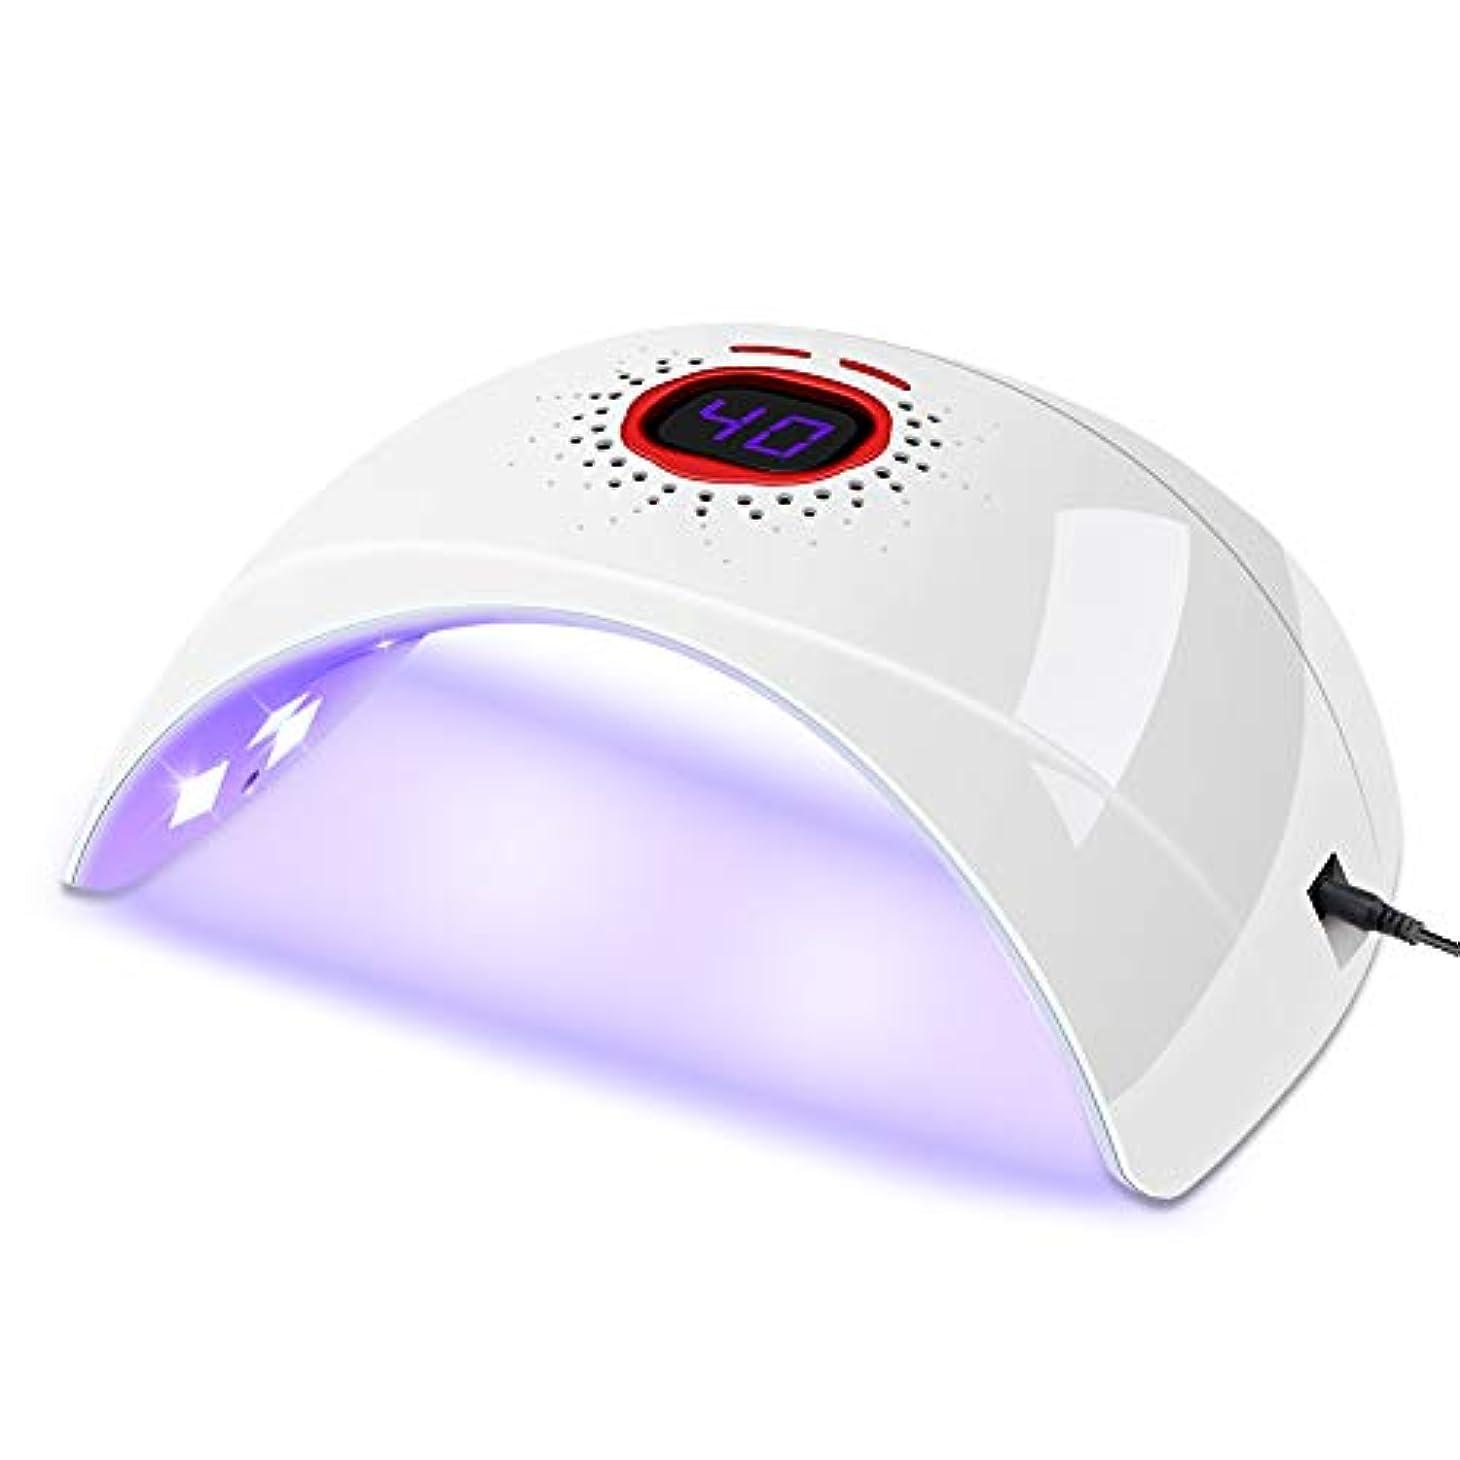 害虫行進ステープルSULET UVライト ネイルドライヤー 硬化用UVライト 赤外線検知 180° 速乾UV 30s/60sタイマー表示 プロ向き 初心者適用 高速硬化 日本語説明書付き(白)